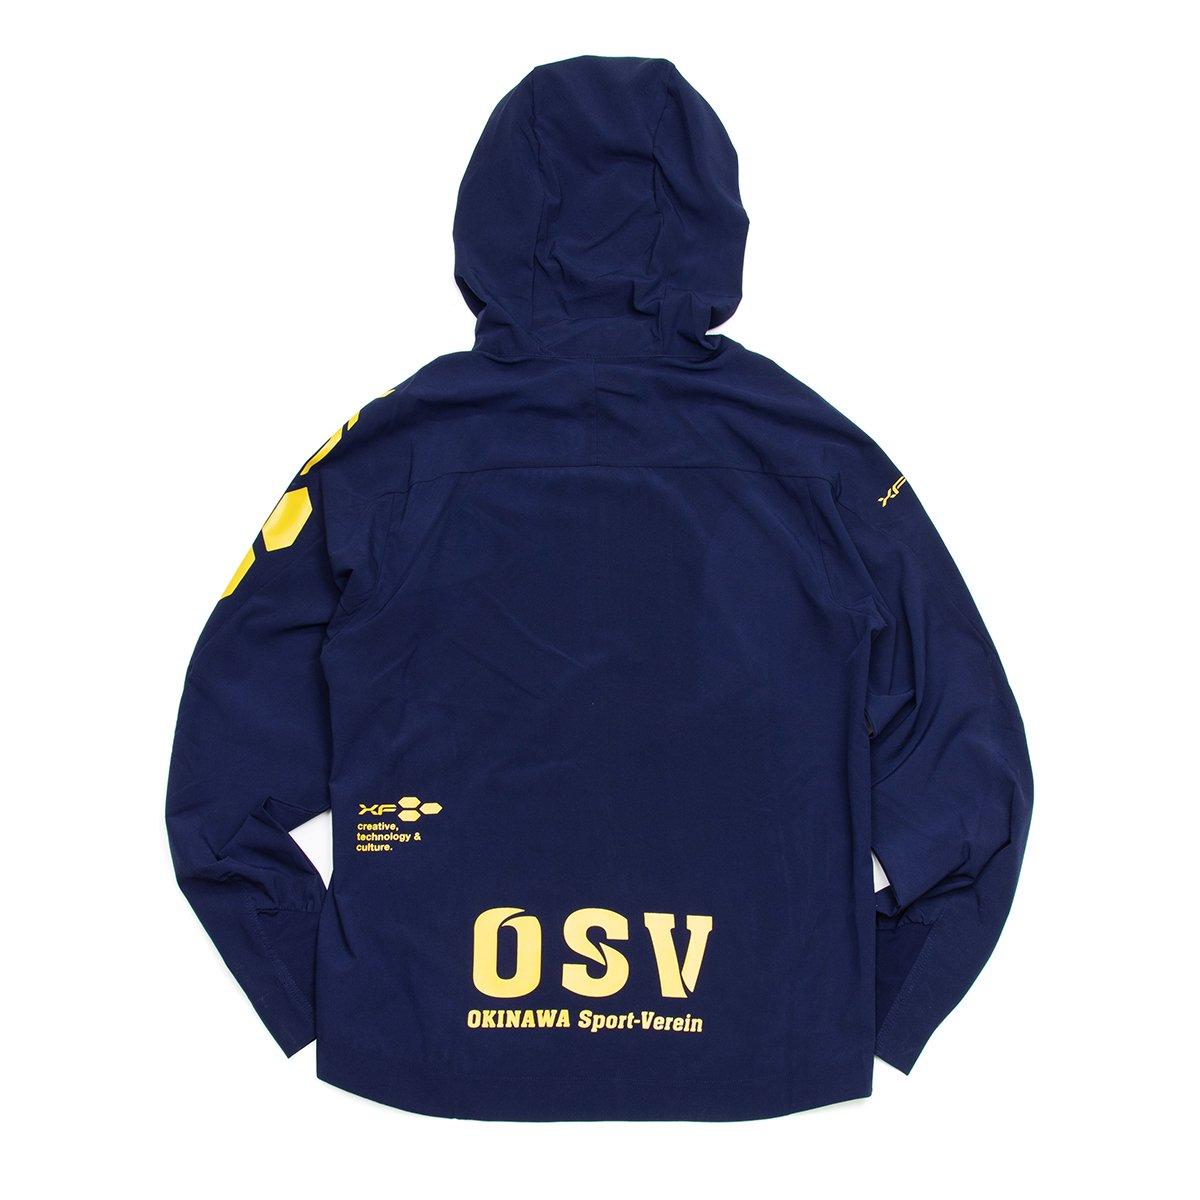 沖縄SV(OSV) フ—ディージャケット